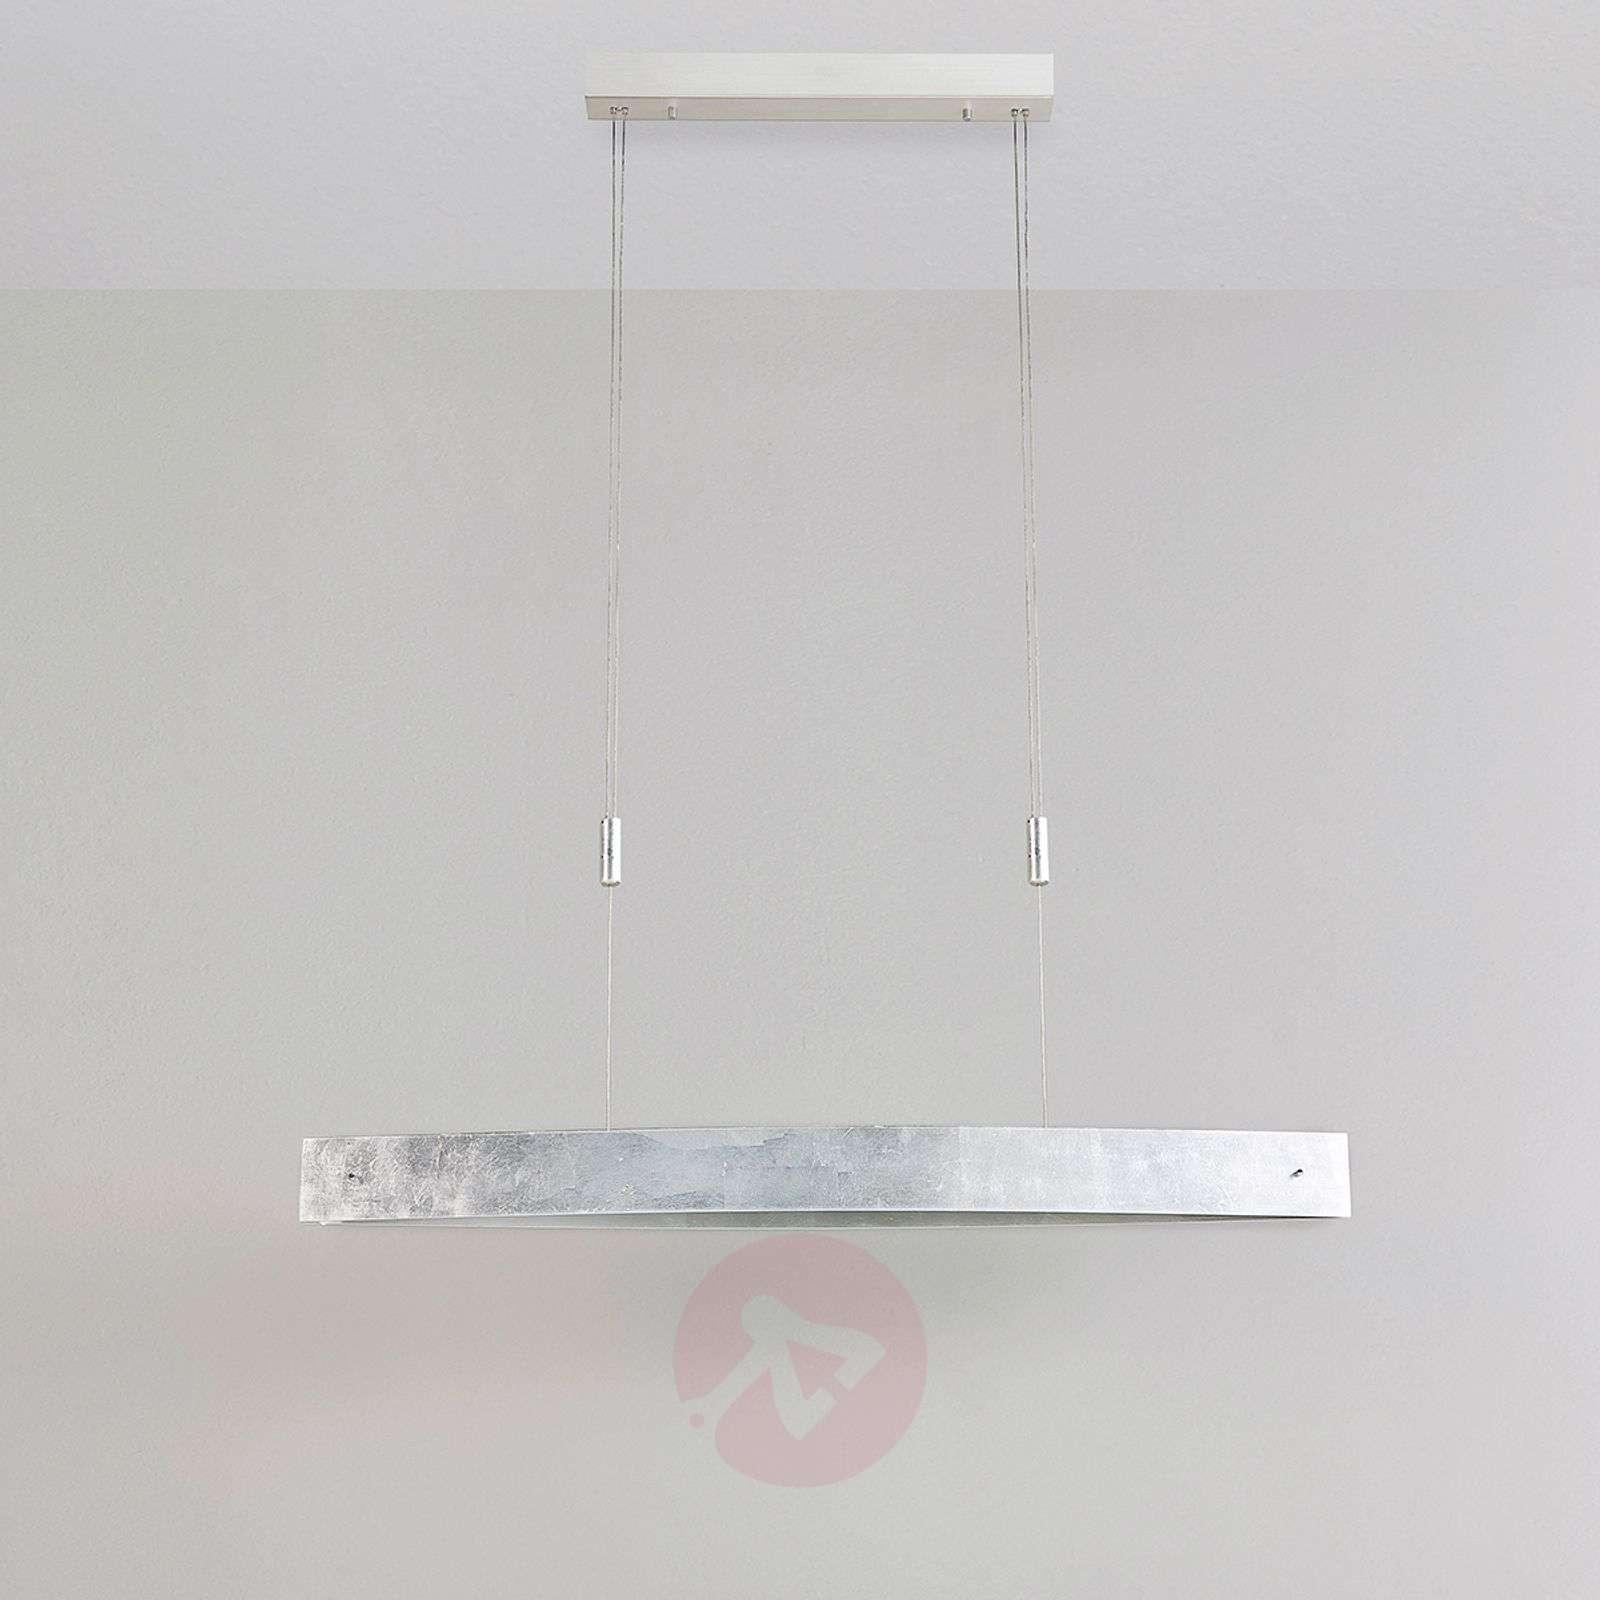 Ruokailuhuoneen LED-riippuvalaisin Lio, hopeafolio-9620863-02